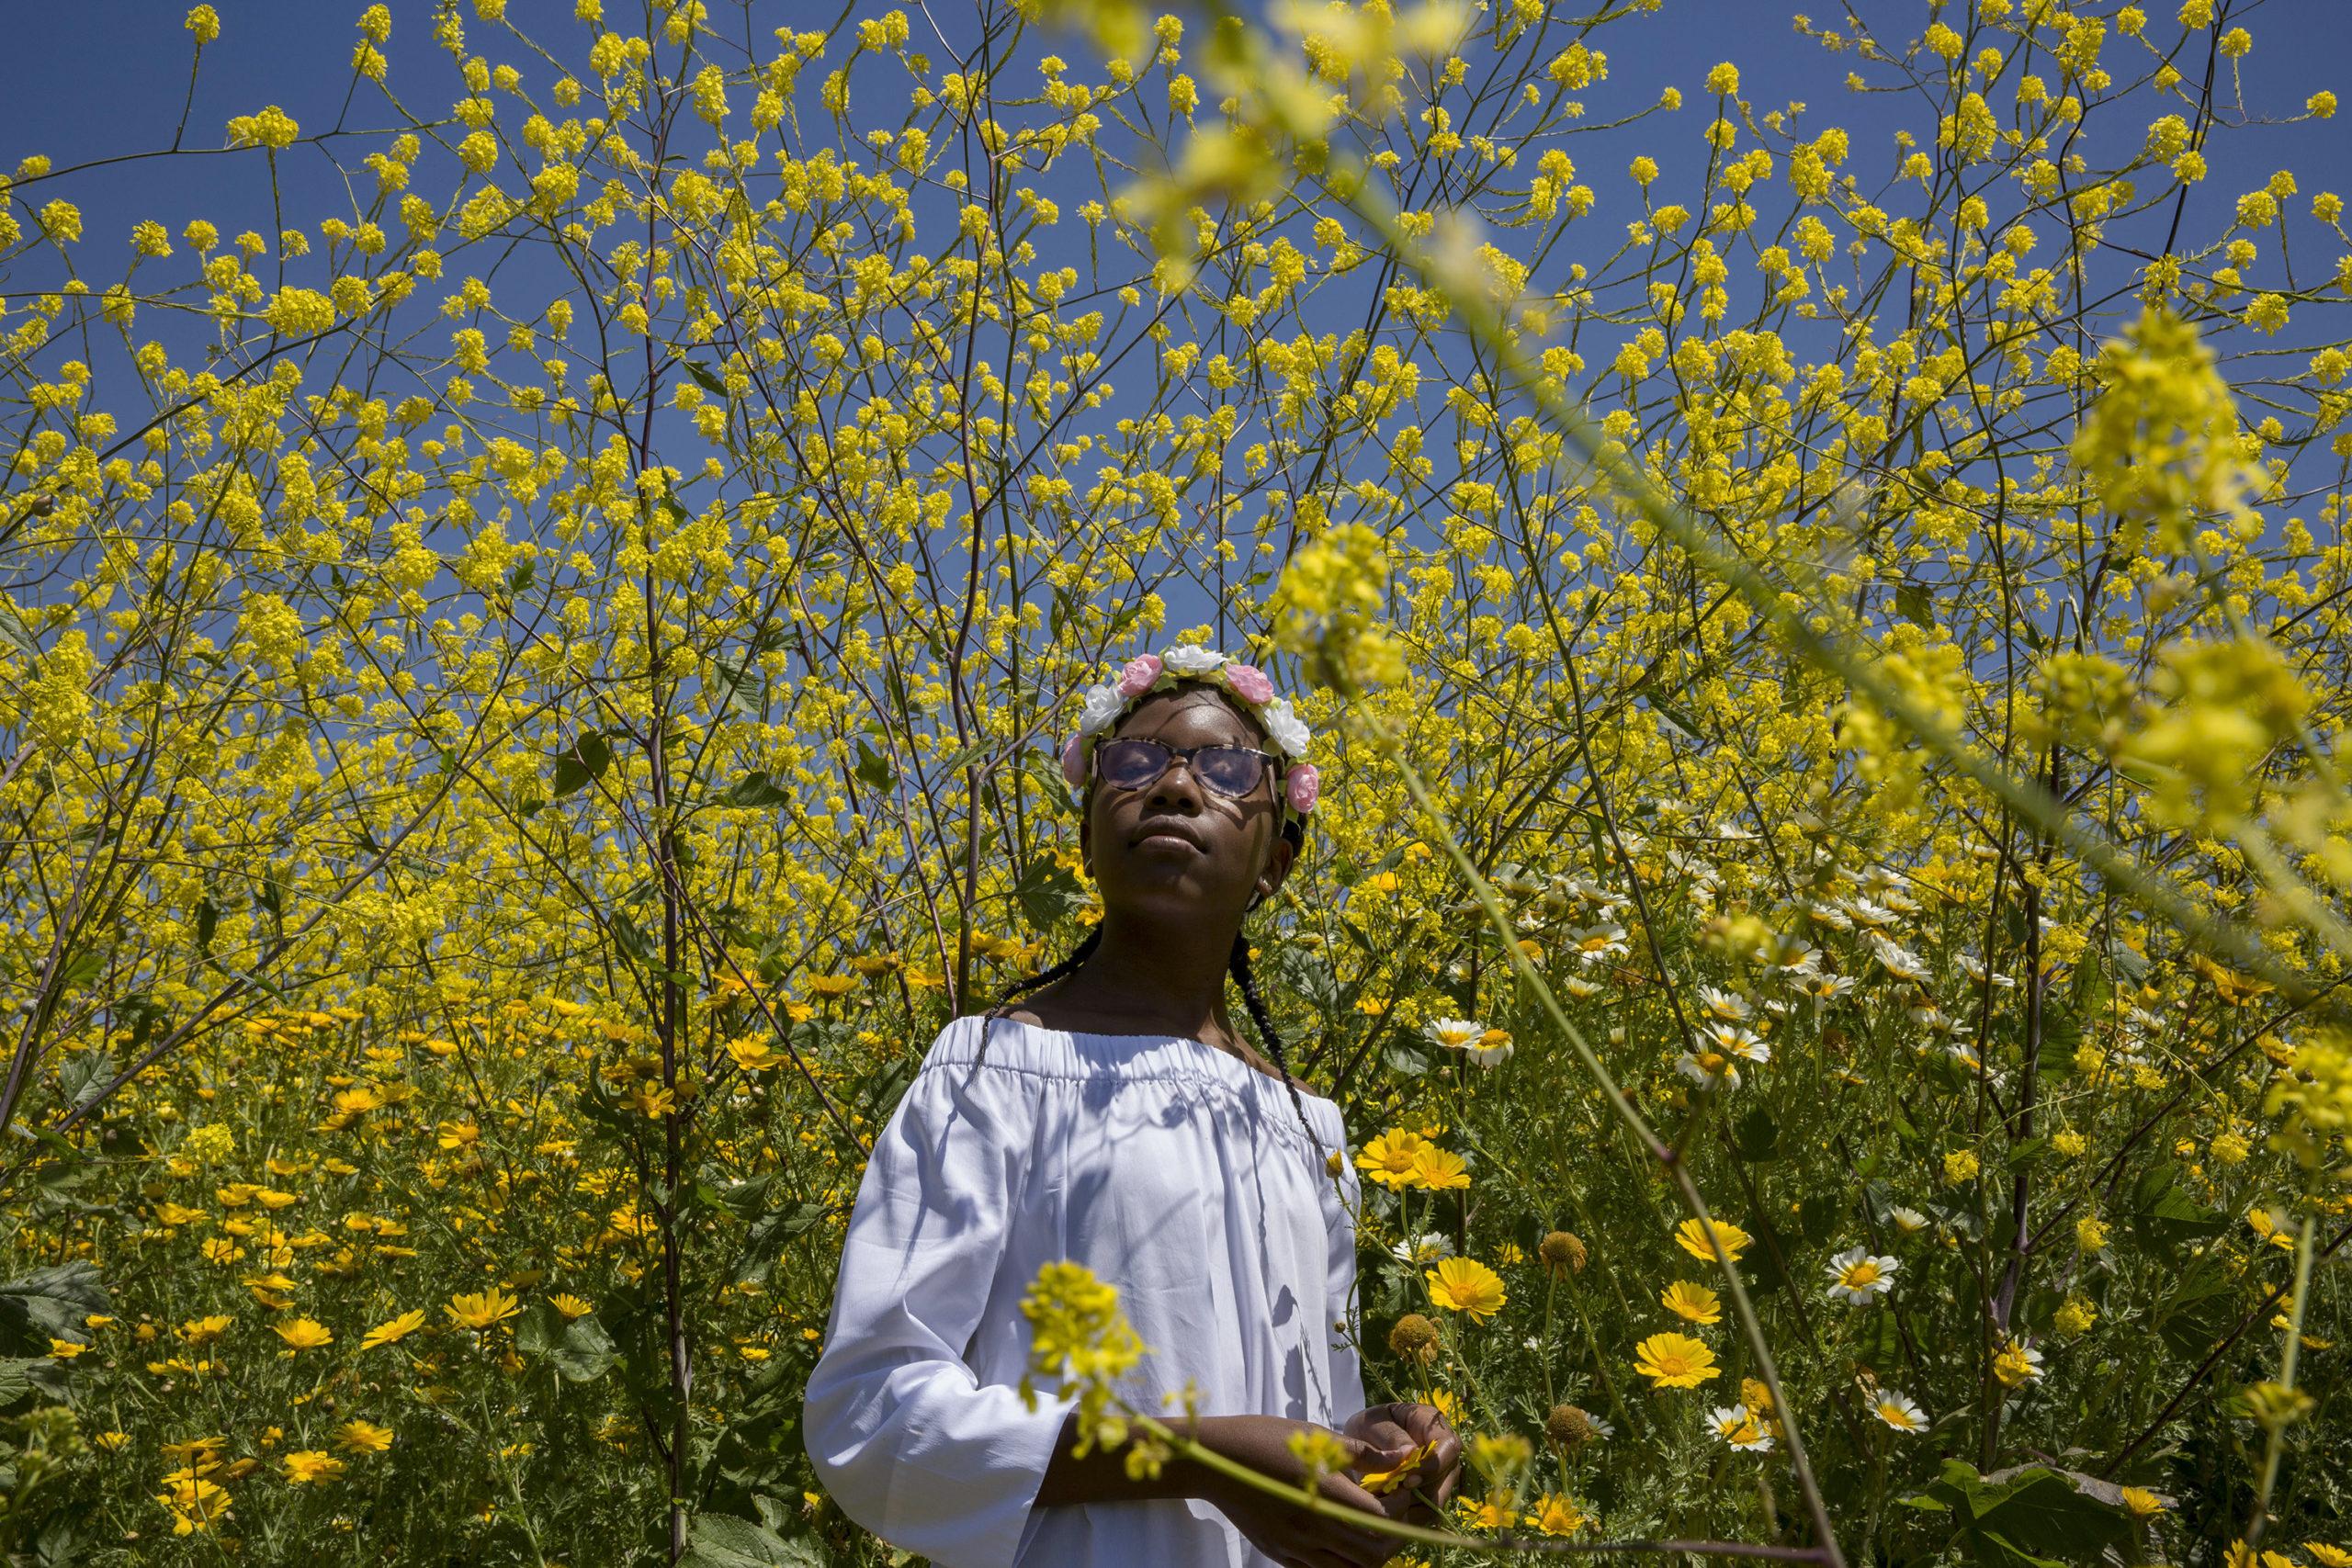 Cena do curta metragem A Love Song For Latasha. Nela vemos uma garota negra em um jardim. A menina veste um vestido de mangas longas na cor branca, está com duas tranças e uma tira de flores rosa e branca no cabelo. Ela usa um óculos de armadura redonda. O jardim é repleto de flores amarelas e brancas.